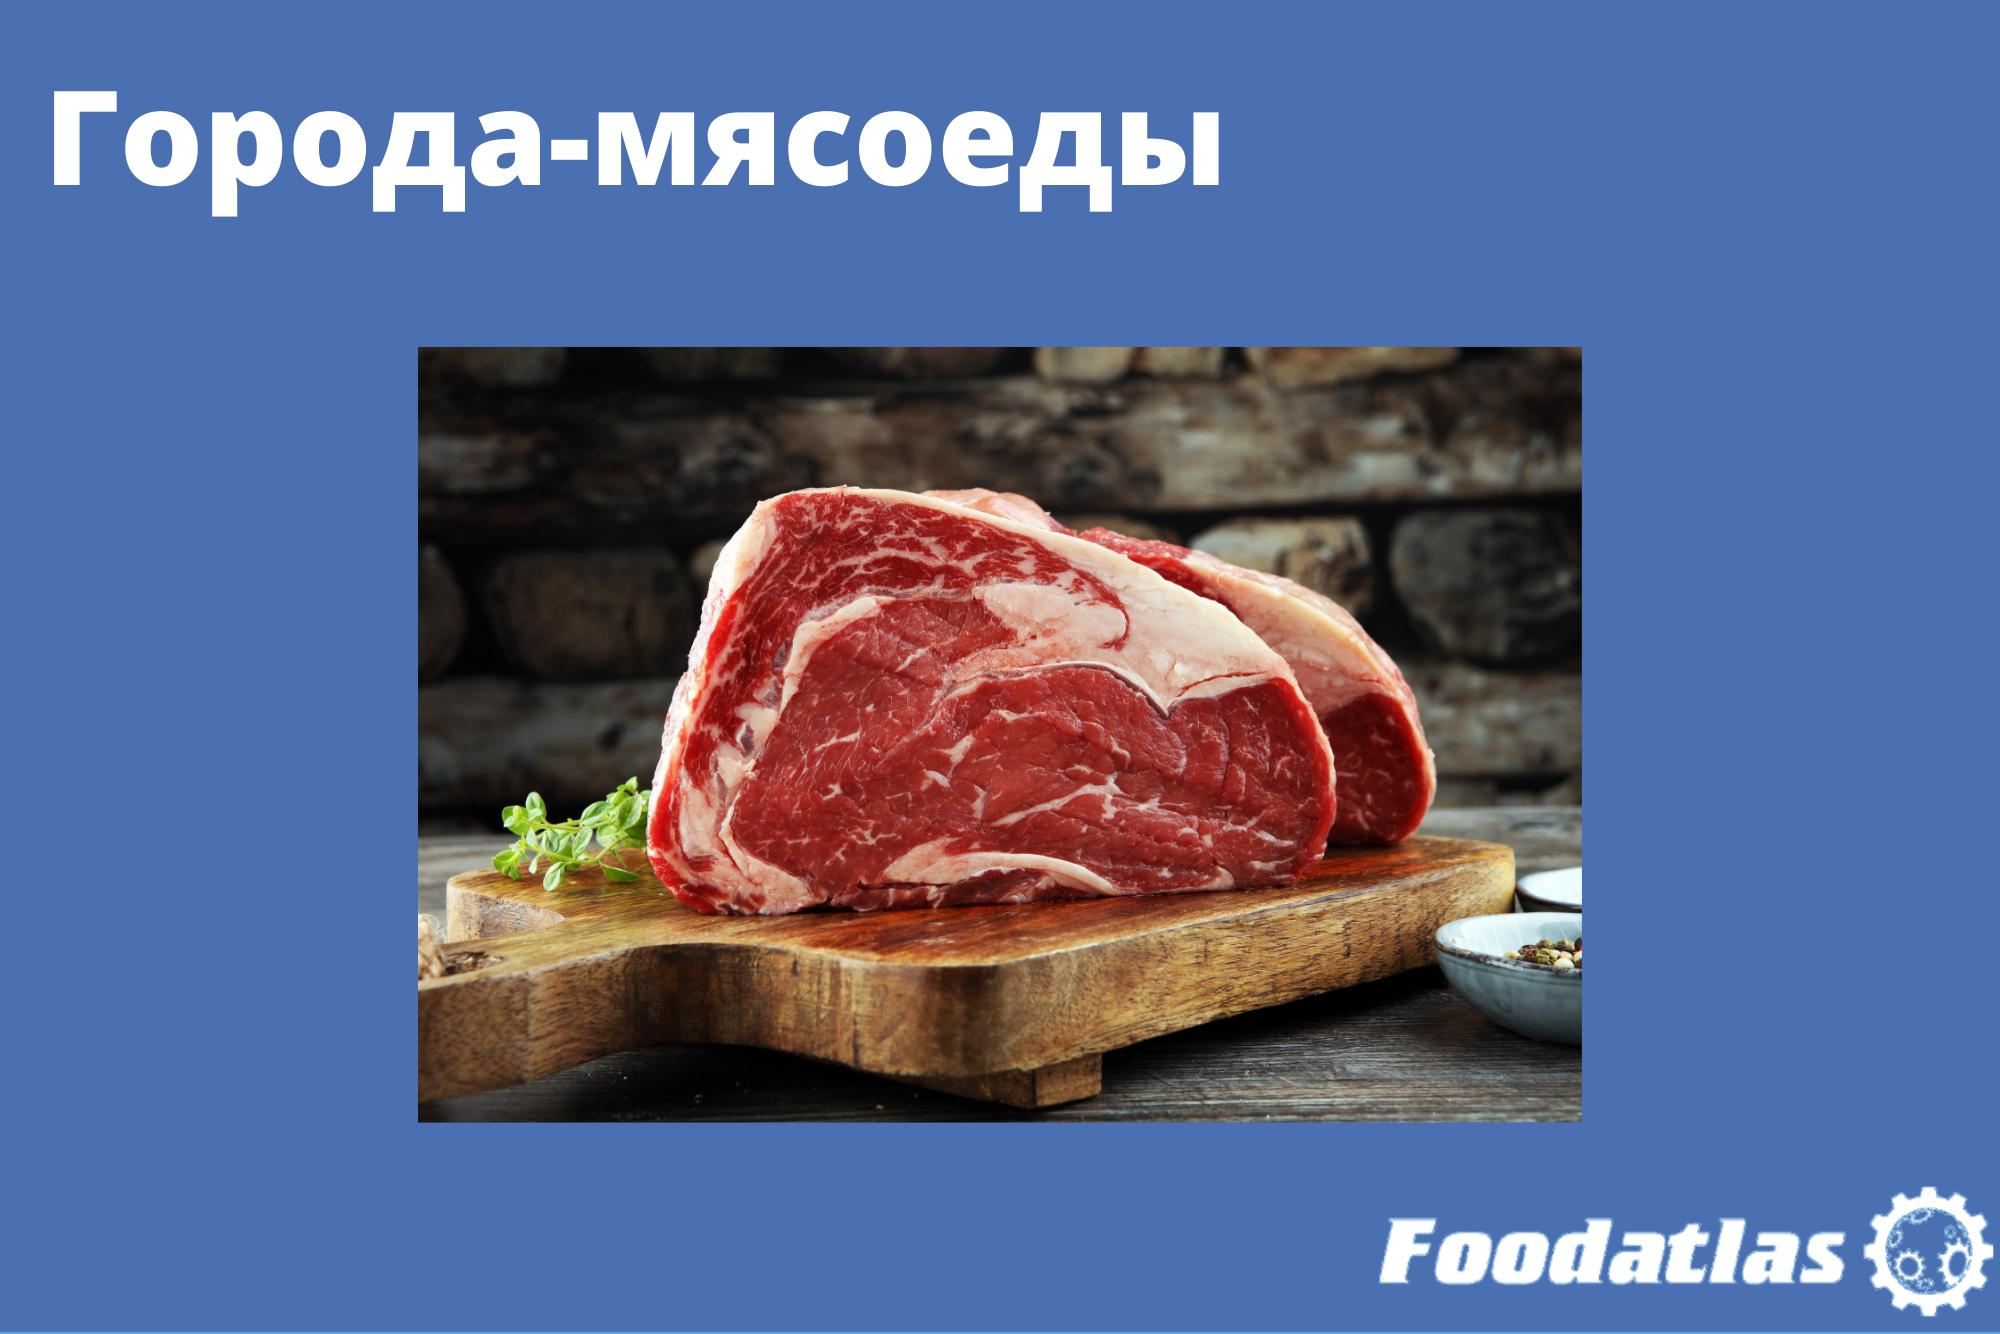 Где больше всех едят мясо?